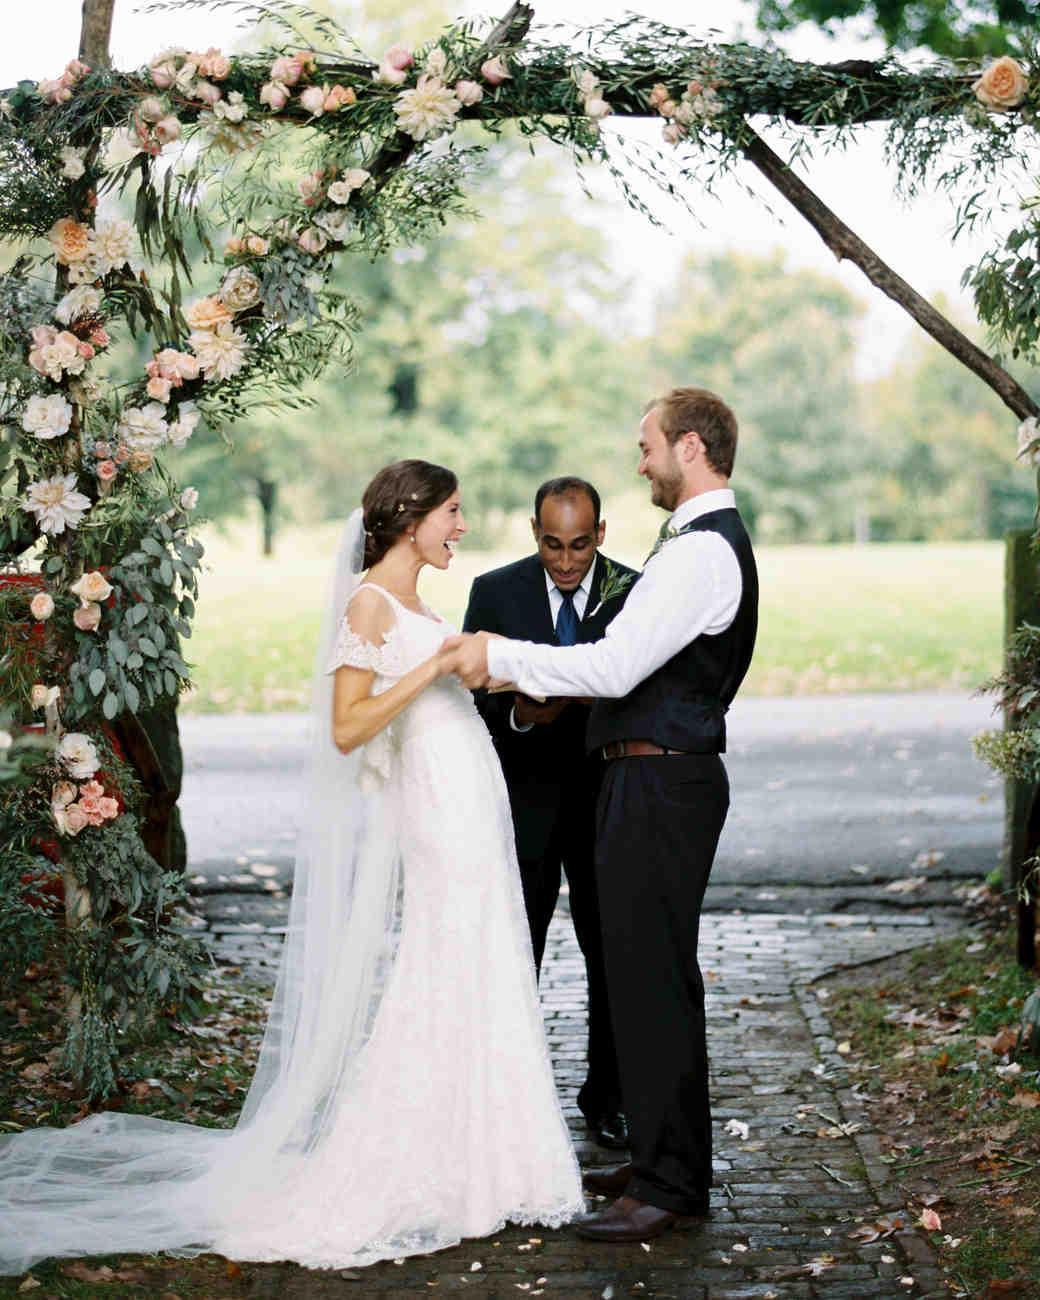 Martha Stewart Weddings: A Rainy, Intimate Farm Wedding In Kentucky